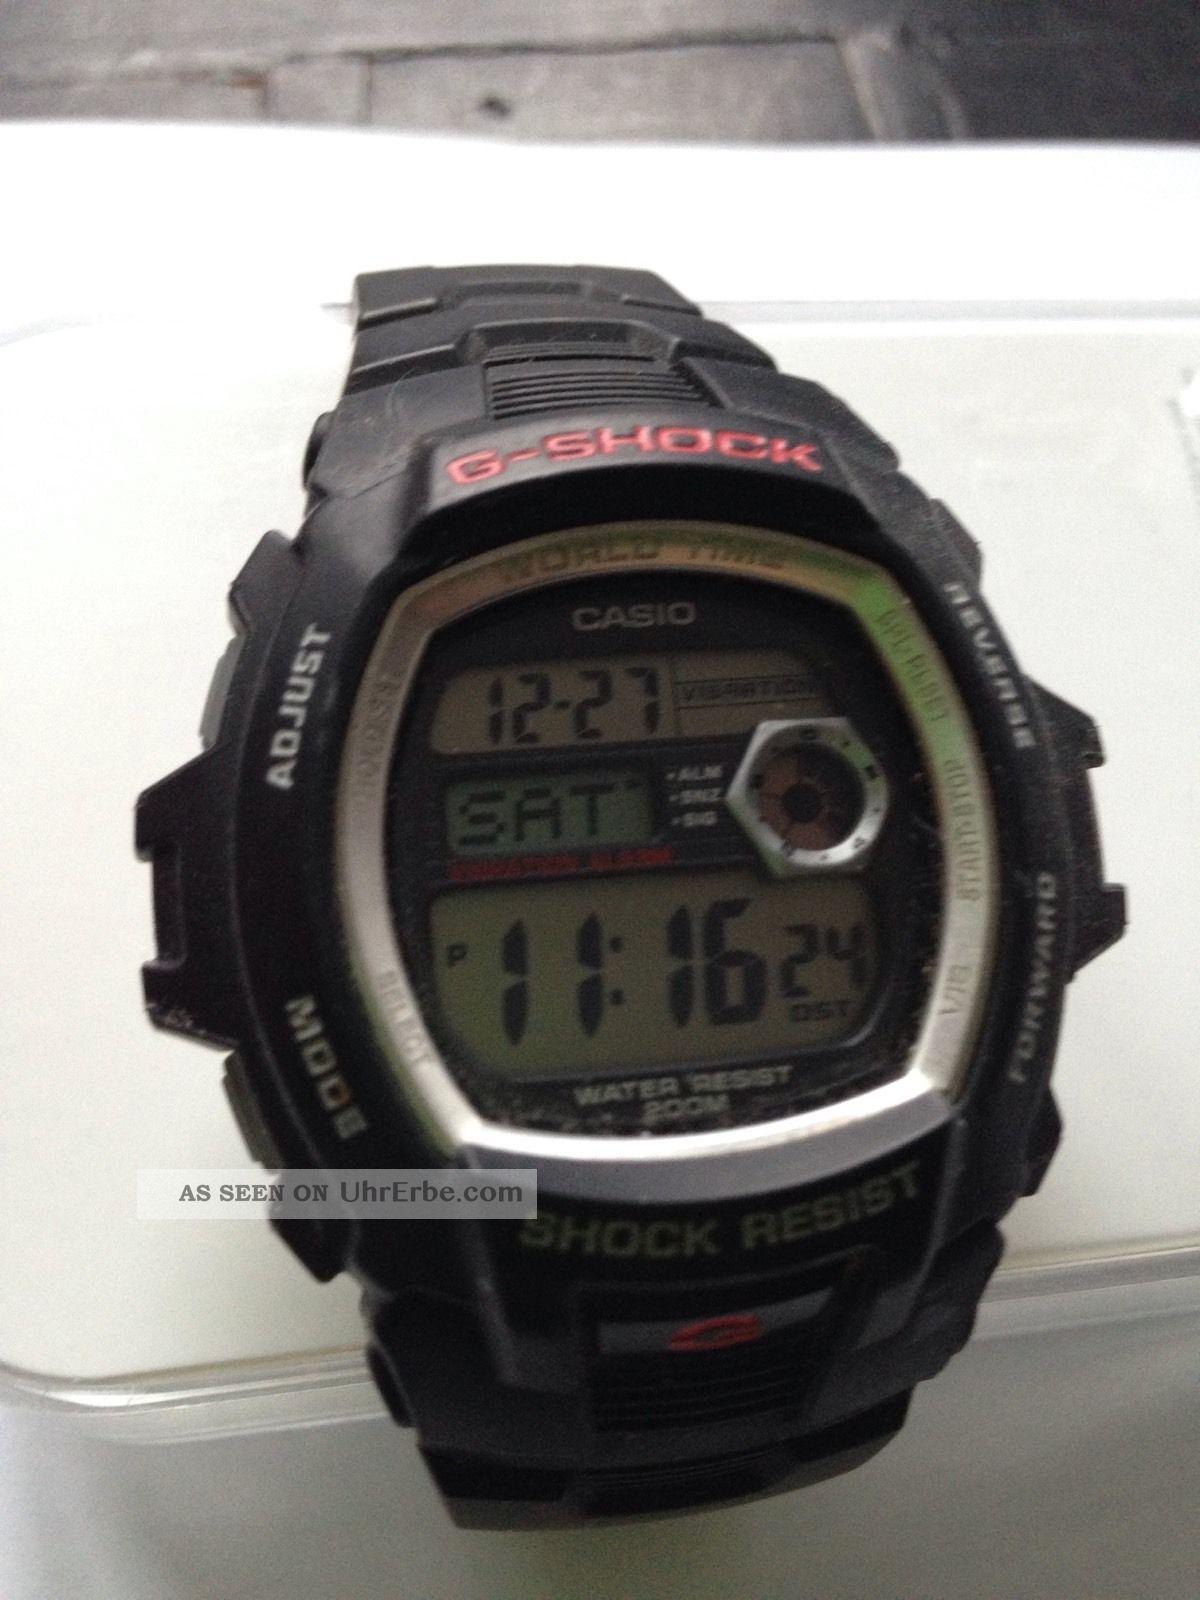 Casio G - Shock Gshock G75001ver Armbanduhr Für Herren (g - 7500 - 1ver) Armbanduhren Bild